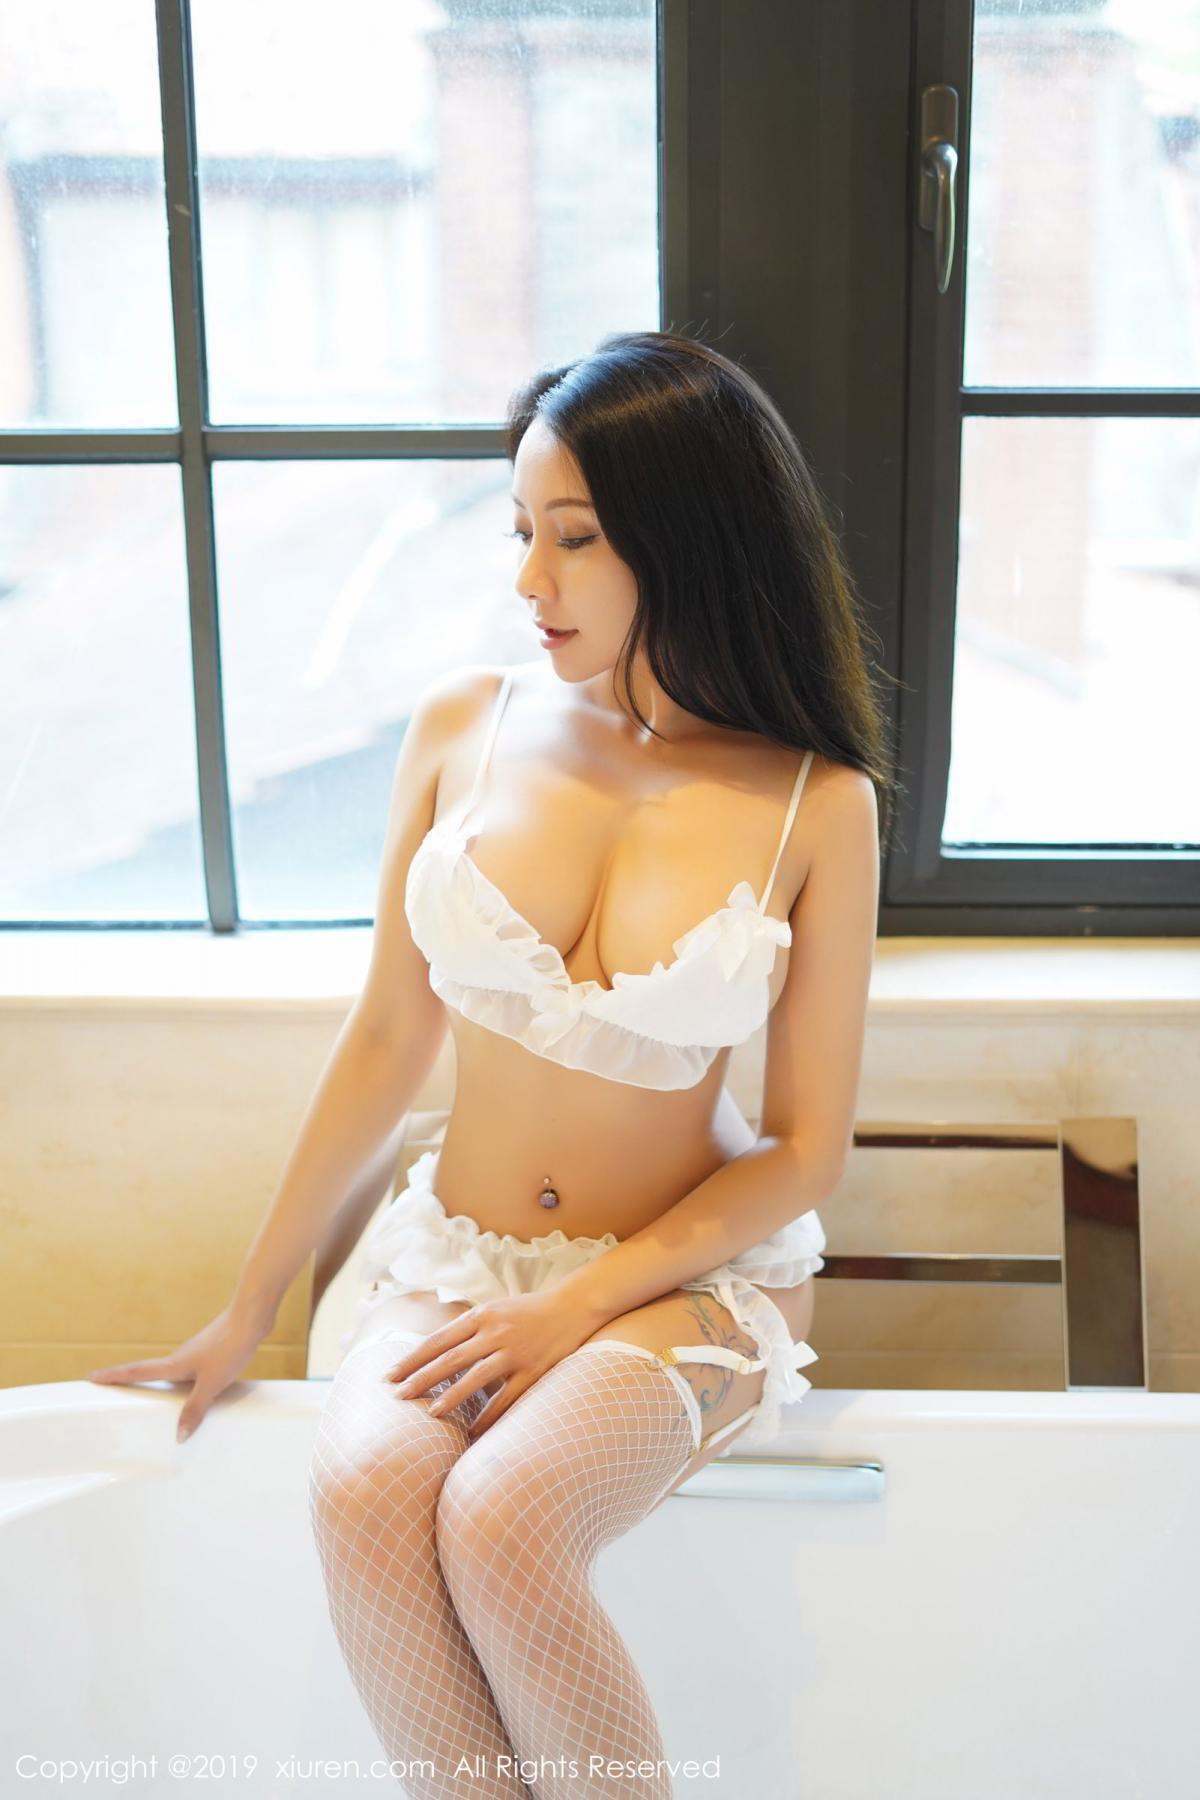 [XiuRen] Vol.1786 Song Guo Er 1P, Bathroom, Mature, Song Guo Er, Underwear, Xiuren